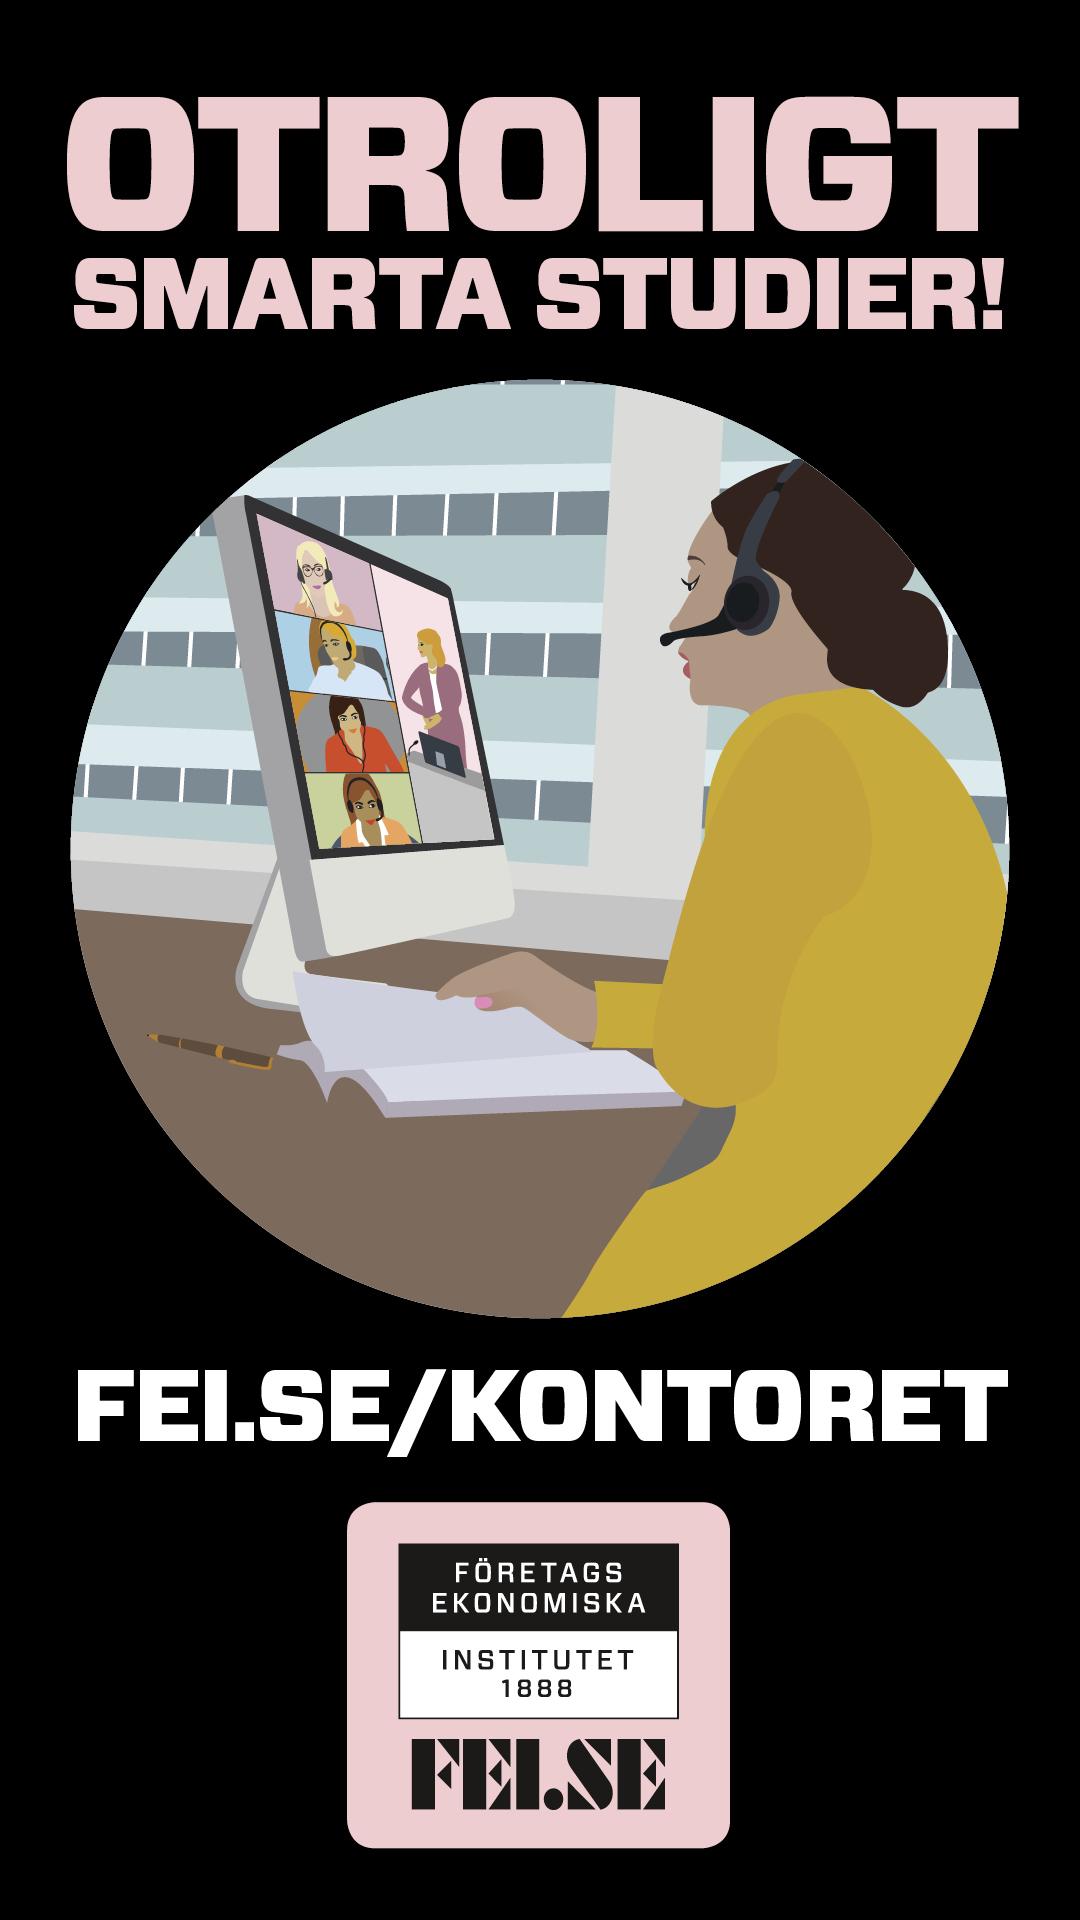 FEI kampanj 2019